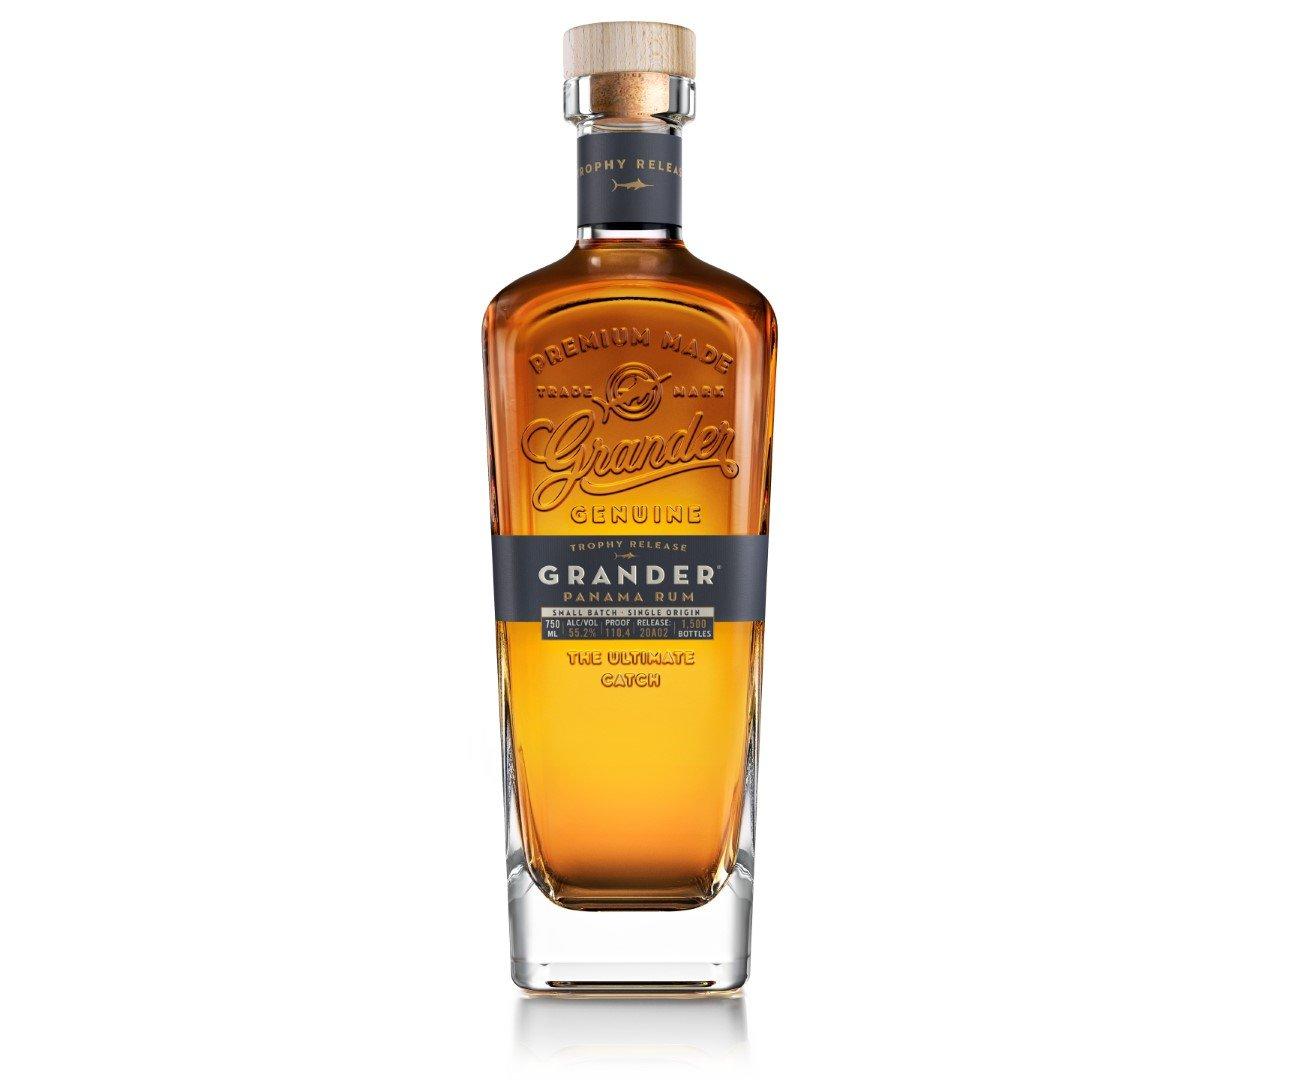 Grander Panama Rum Trophy Release (2020)